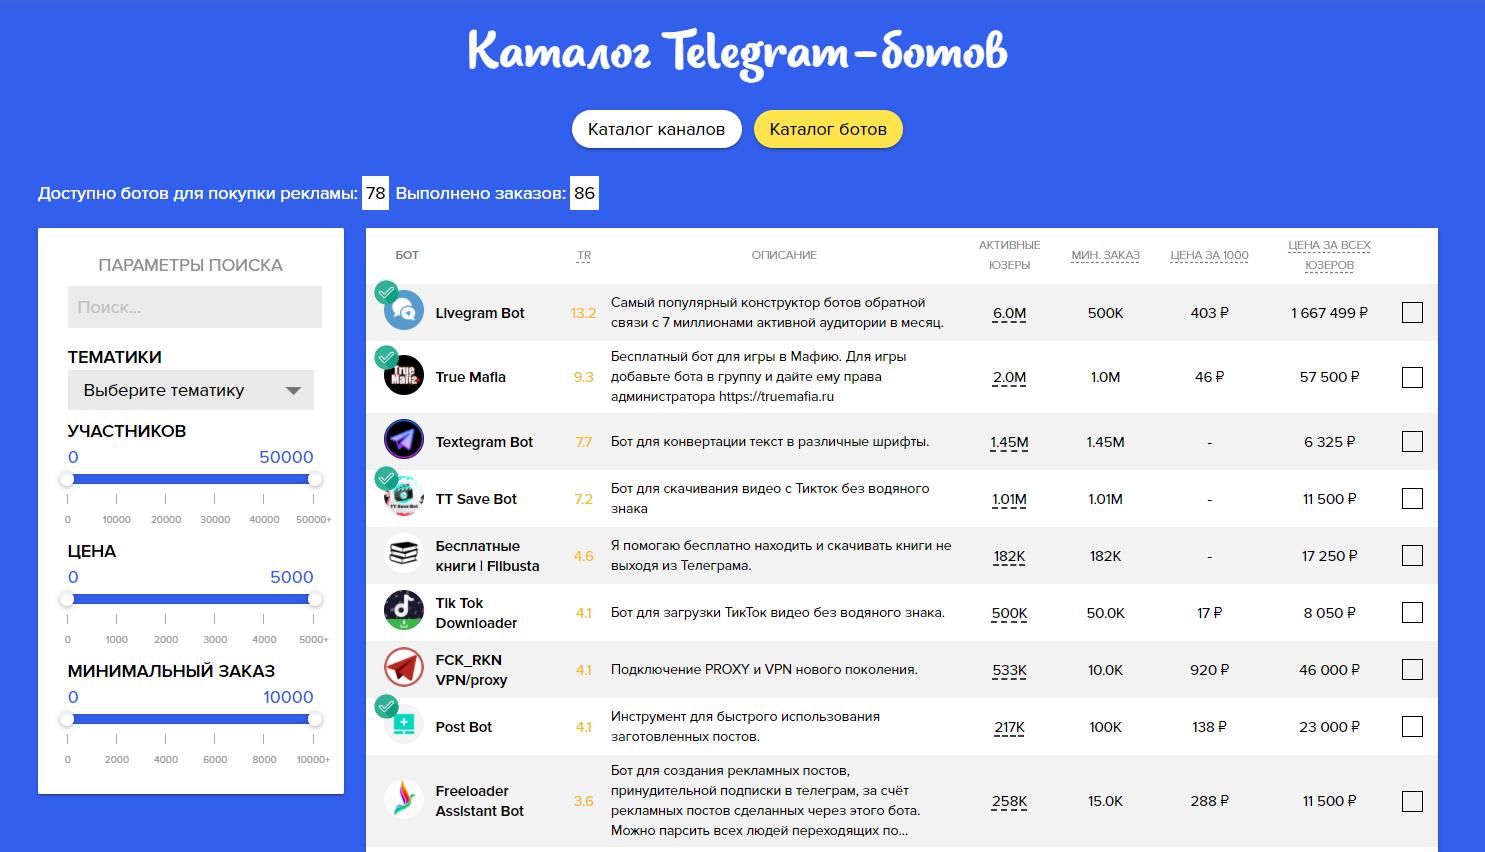 Каталог Telegram-ботов